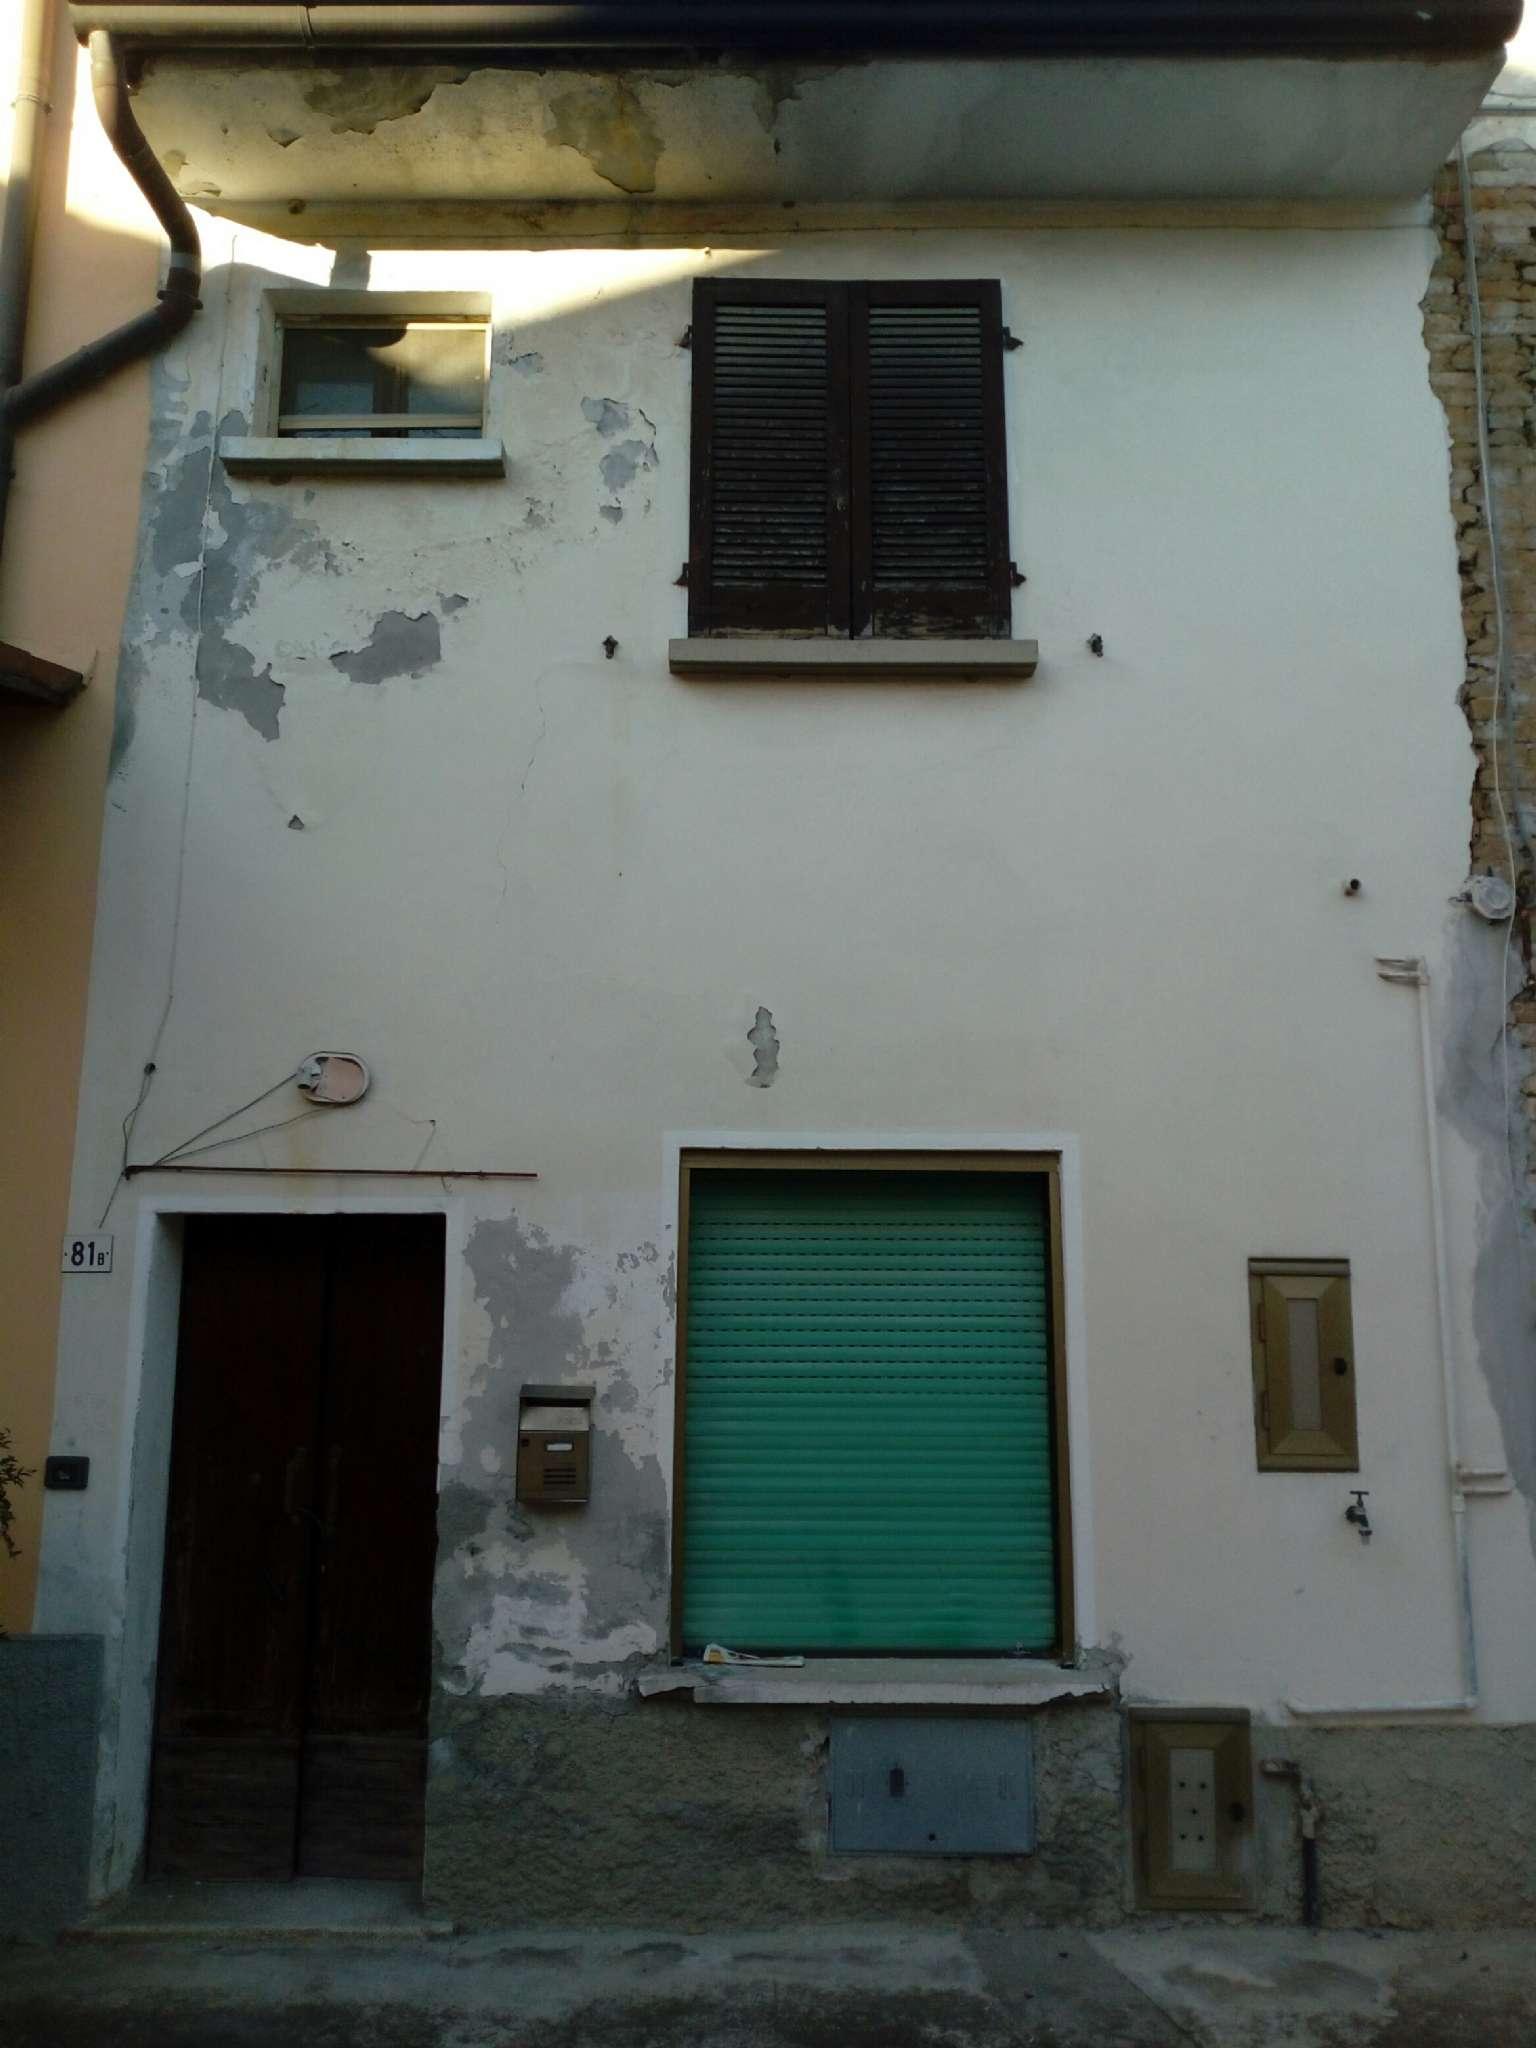 Palazzo / Stabile in vendita a Pieve San Giacomo, 4 locali, prezzo € 15.000 | CambioCasa.it